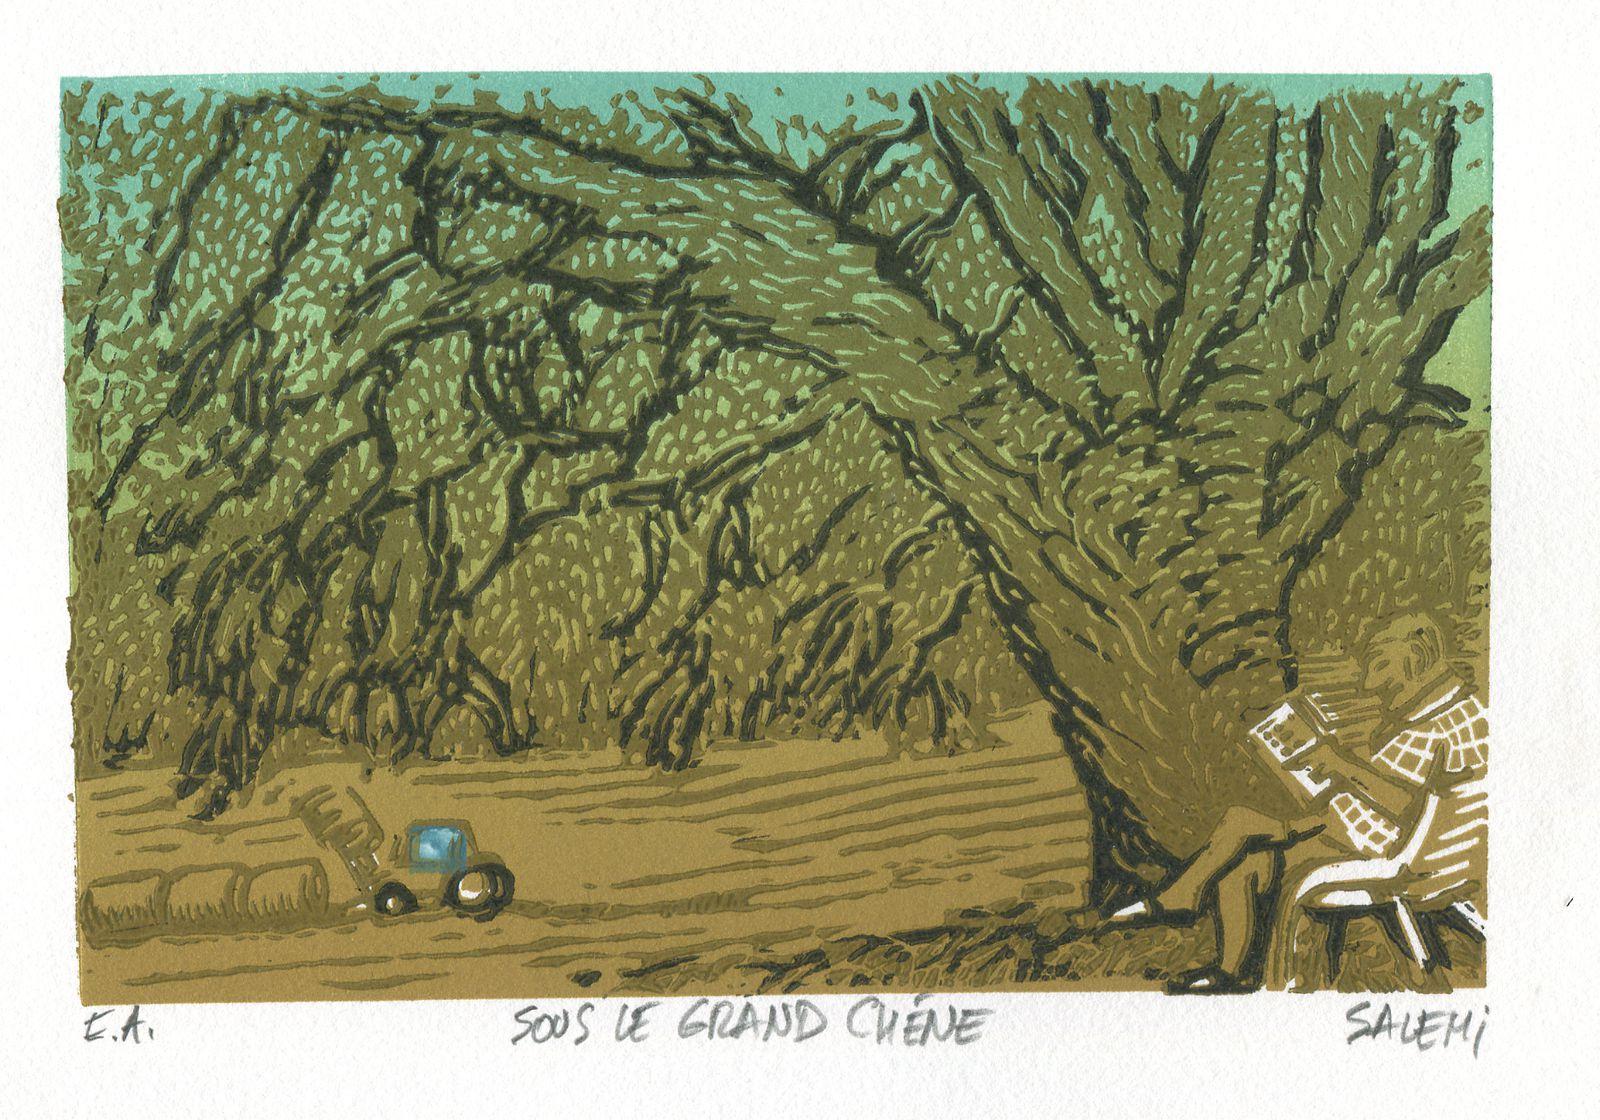 Nouveaux linos de parrainage de Jean-Claude Salemi